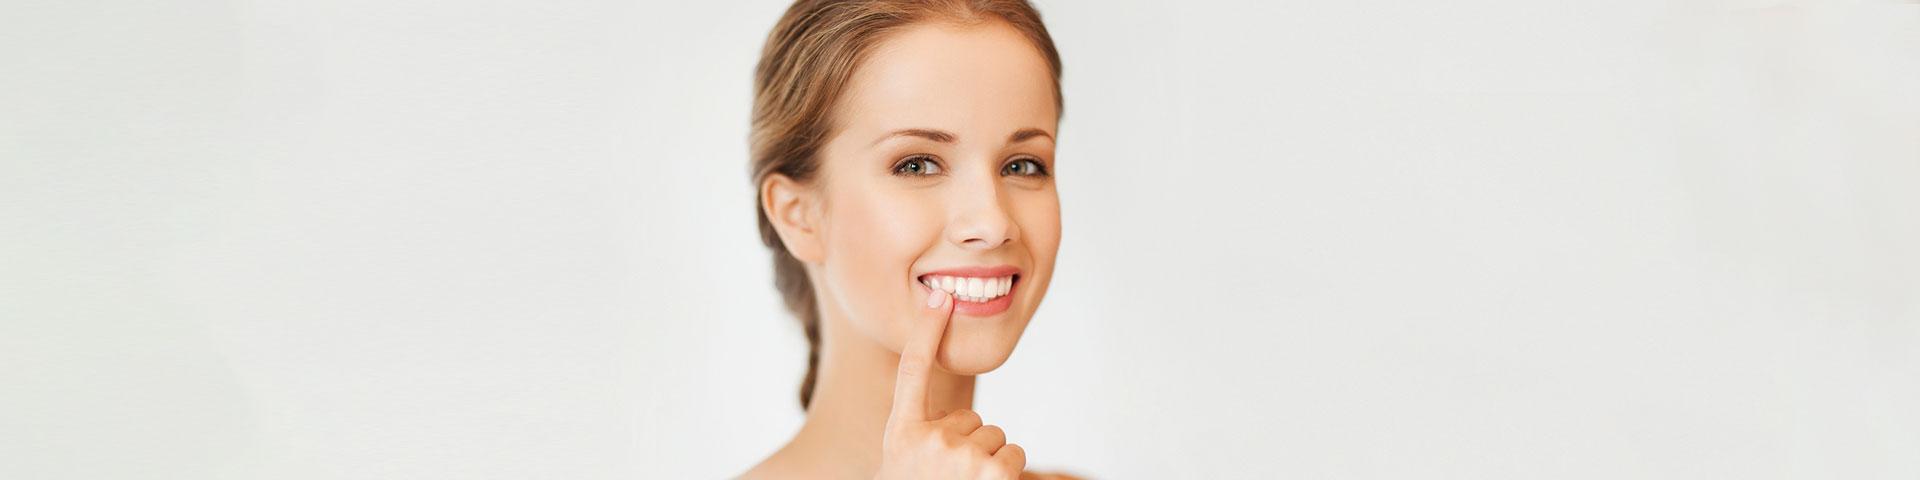 Minor Gum Surgery